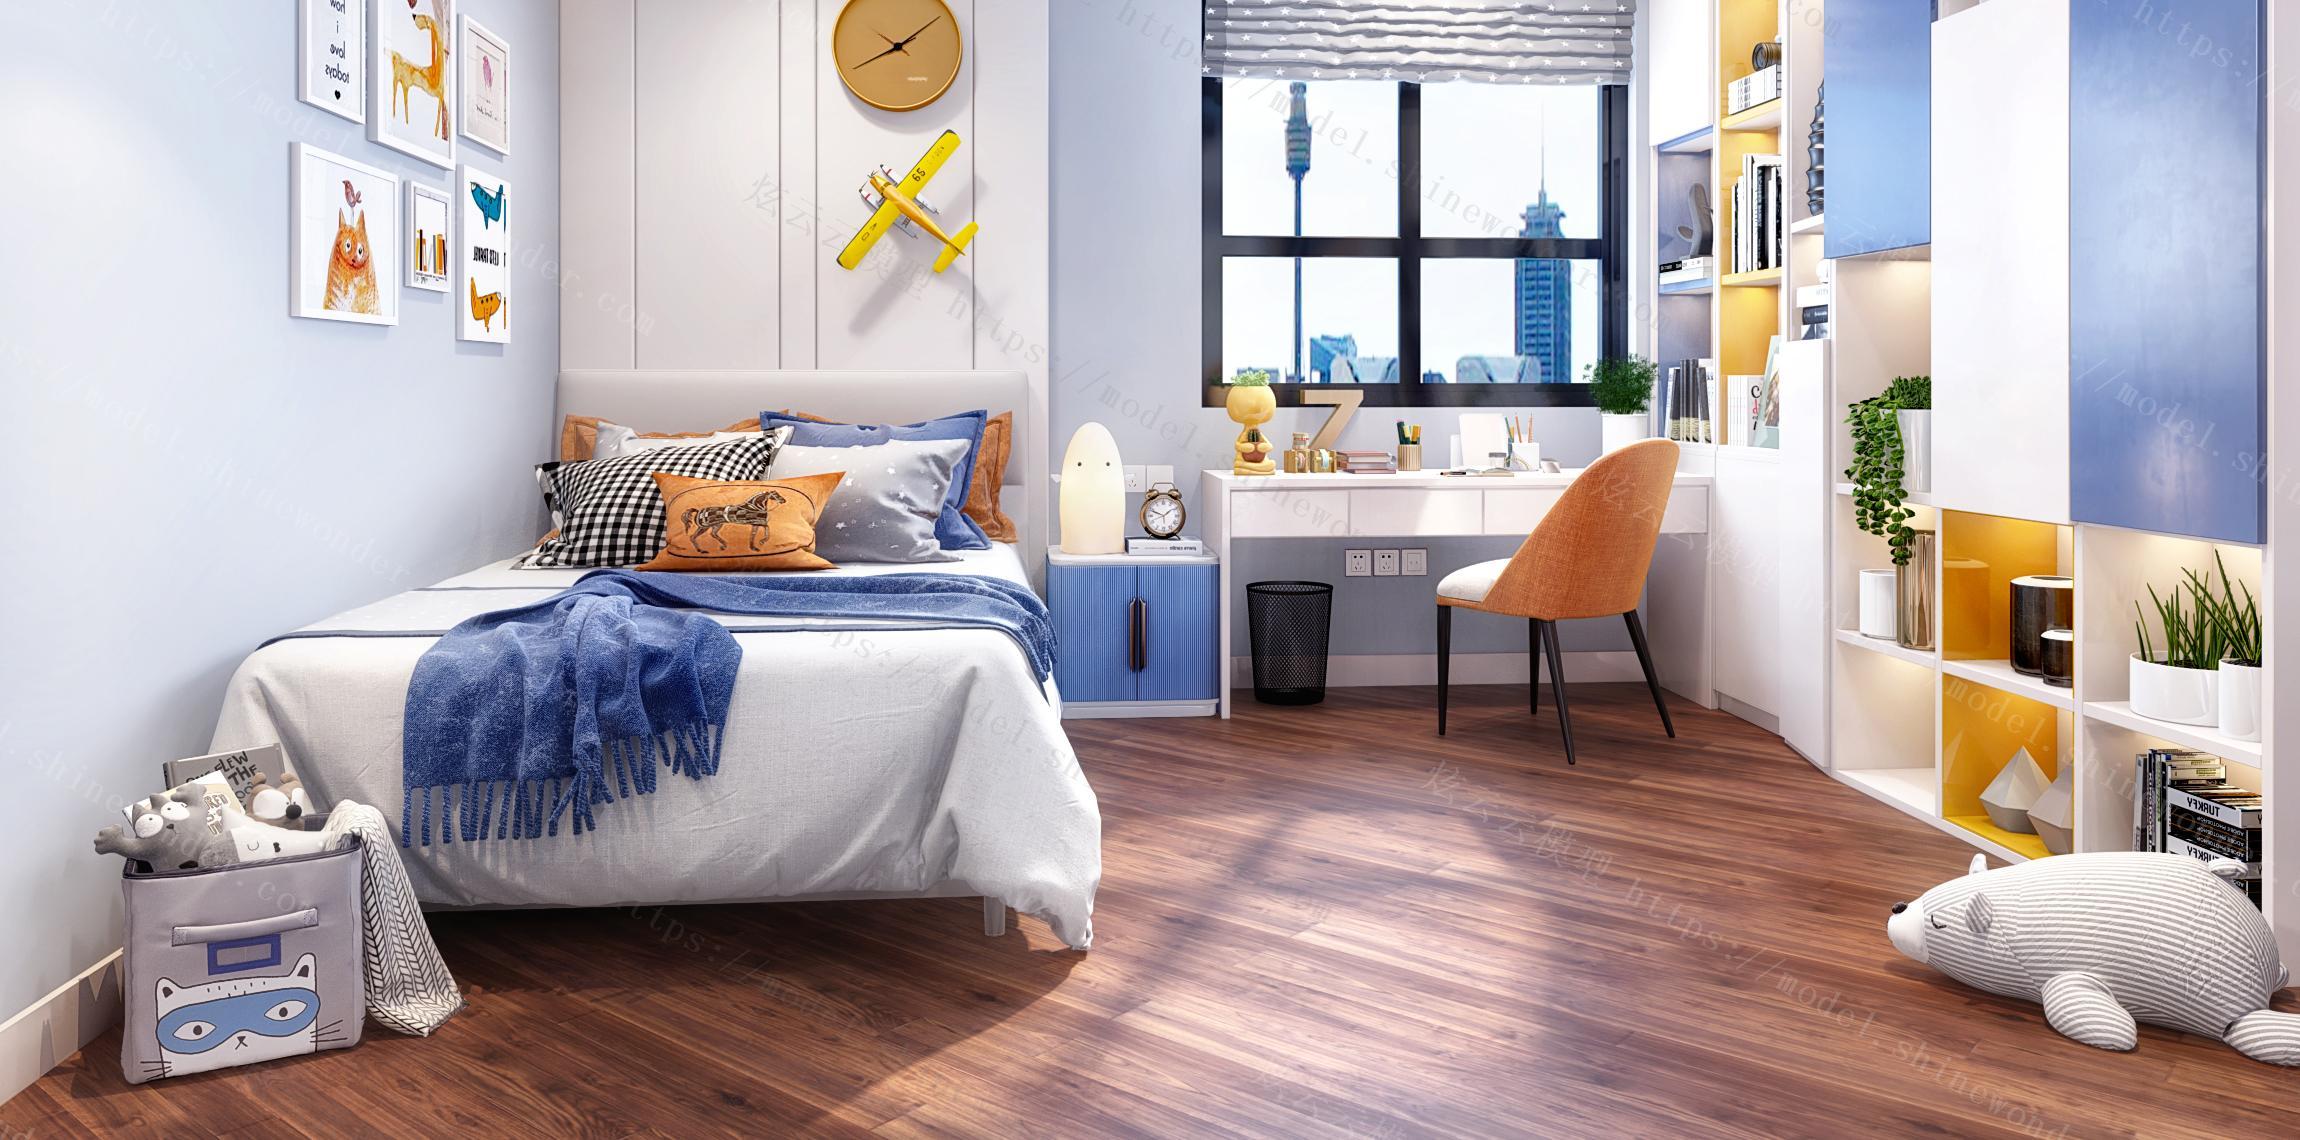 现代北欧儿童房卧室模型